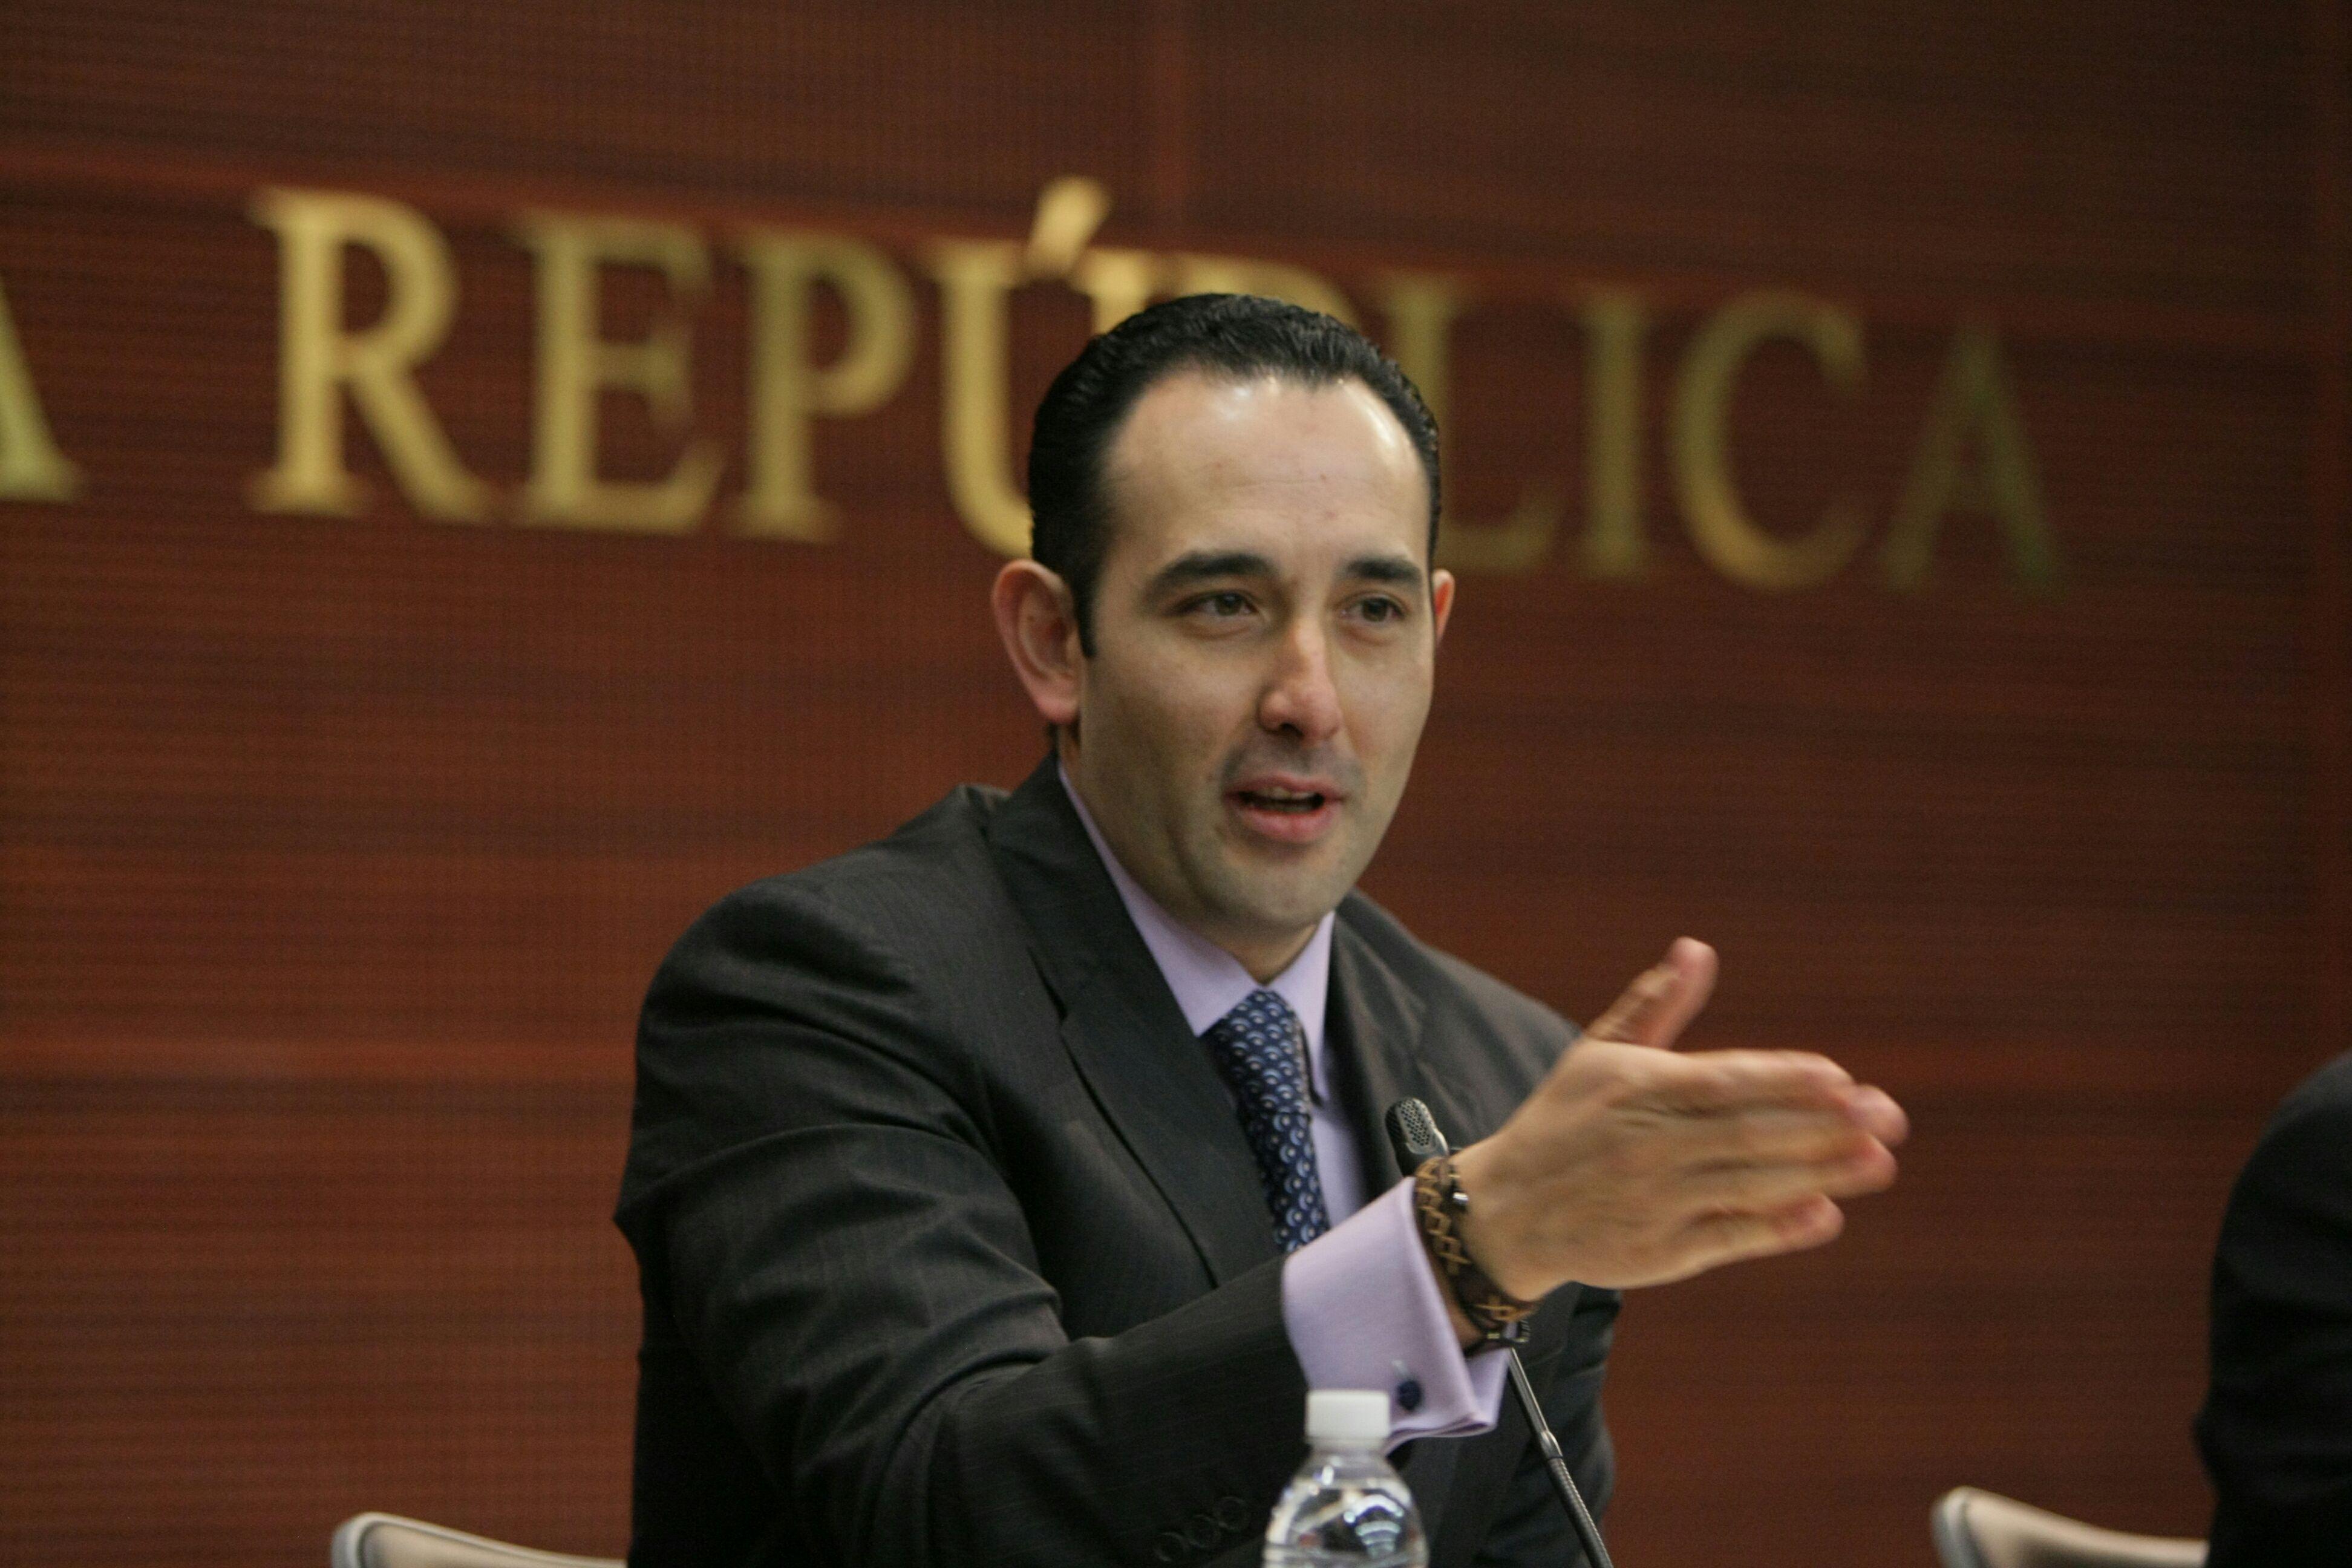 Eligen al panista Ernesto Cordero como nuevo presidente del Senado